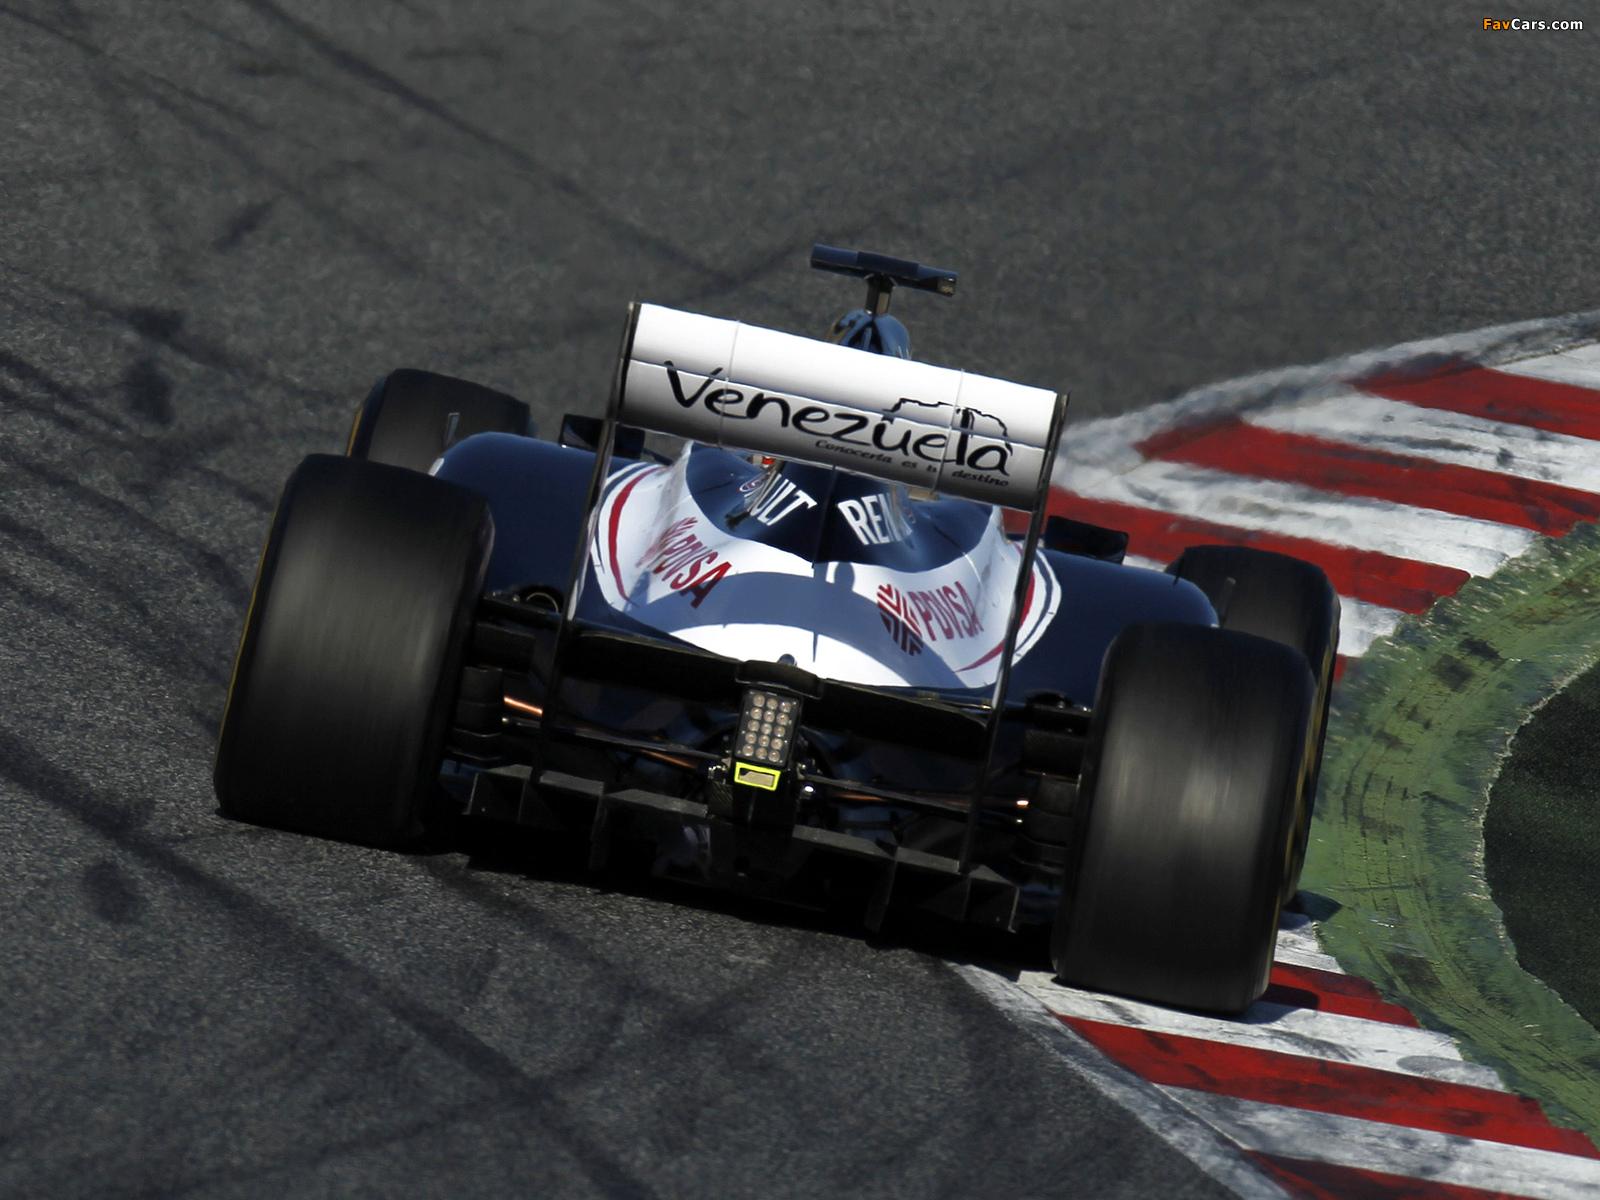 Williams FW34 2012 pictures (1600 x 1200)